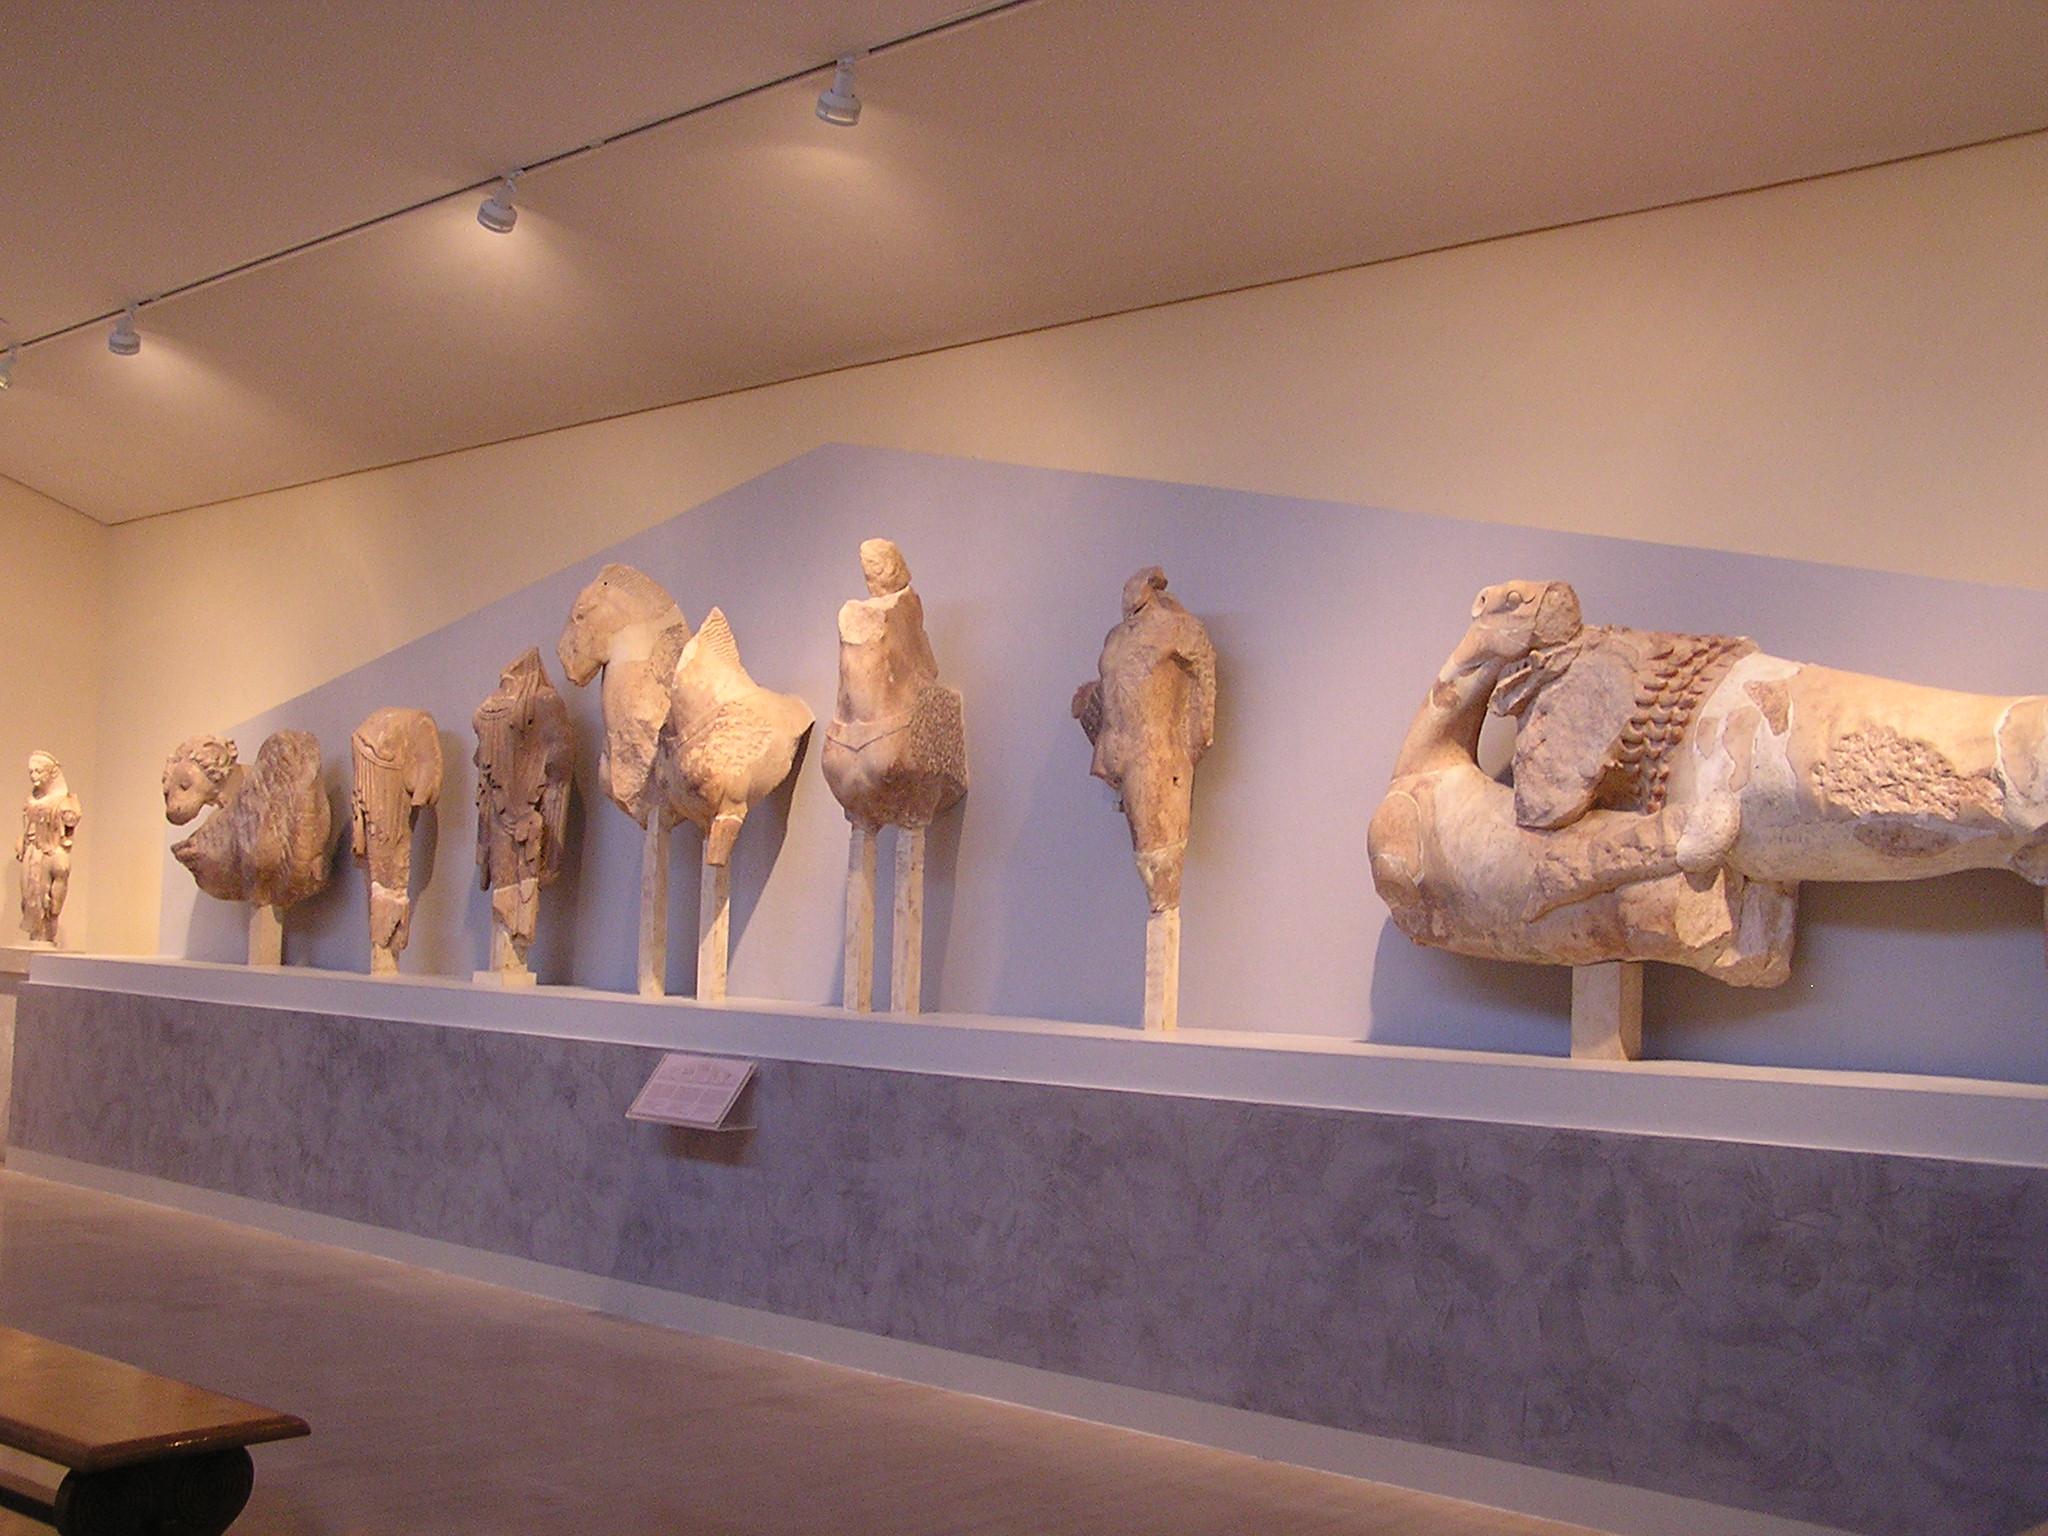 Grecia Museo Delfos Fronton del templo arcaico de Apolo o de los Alcmeónidas  16